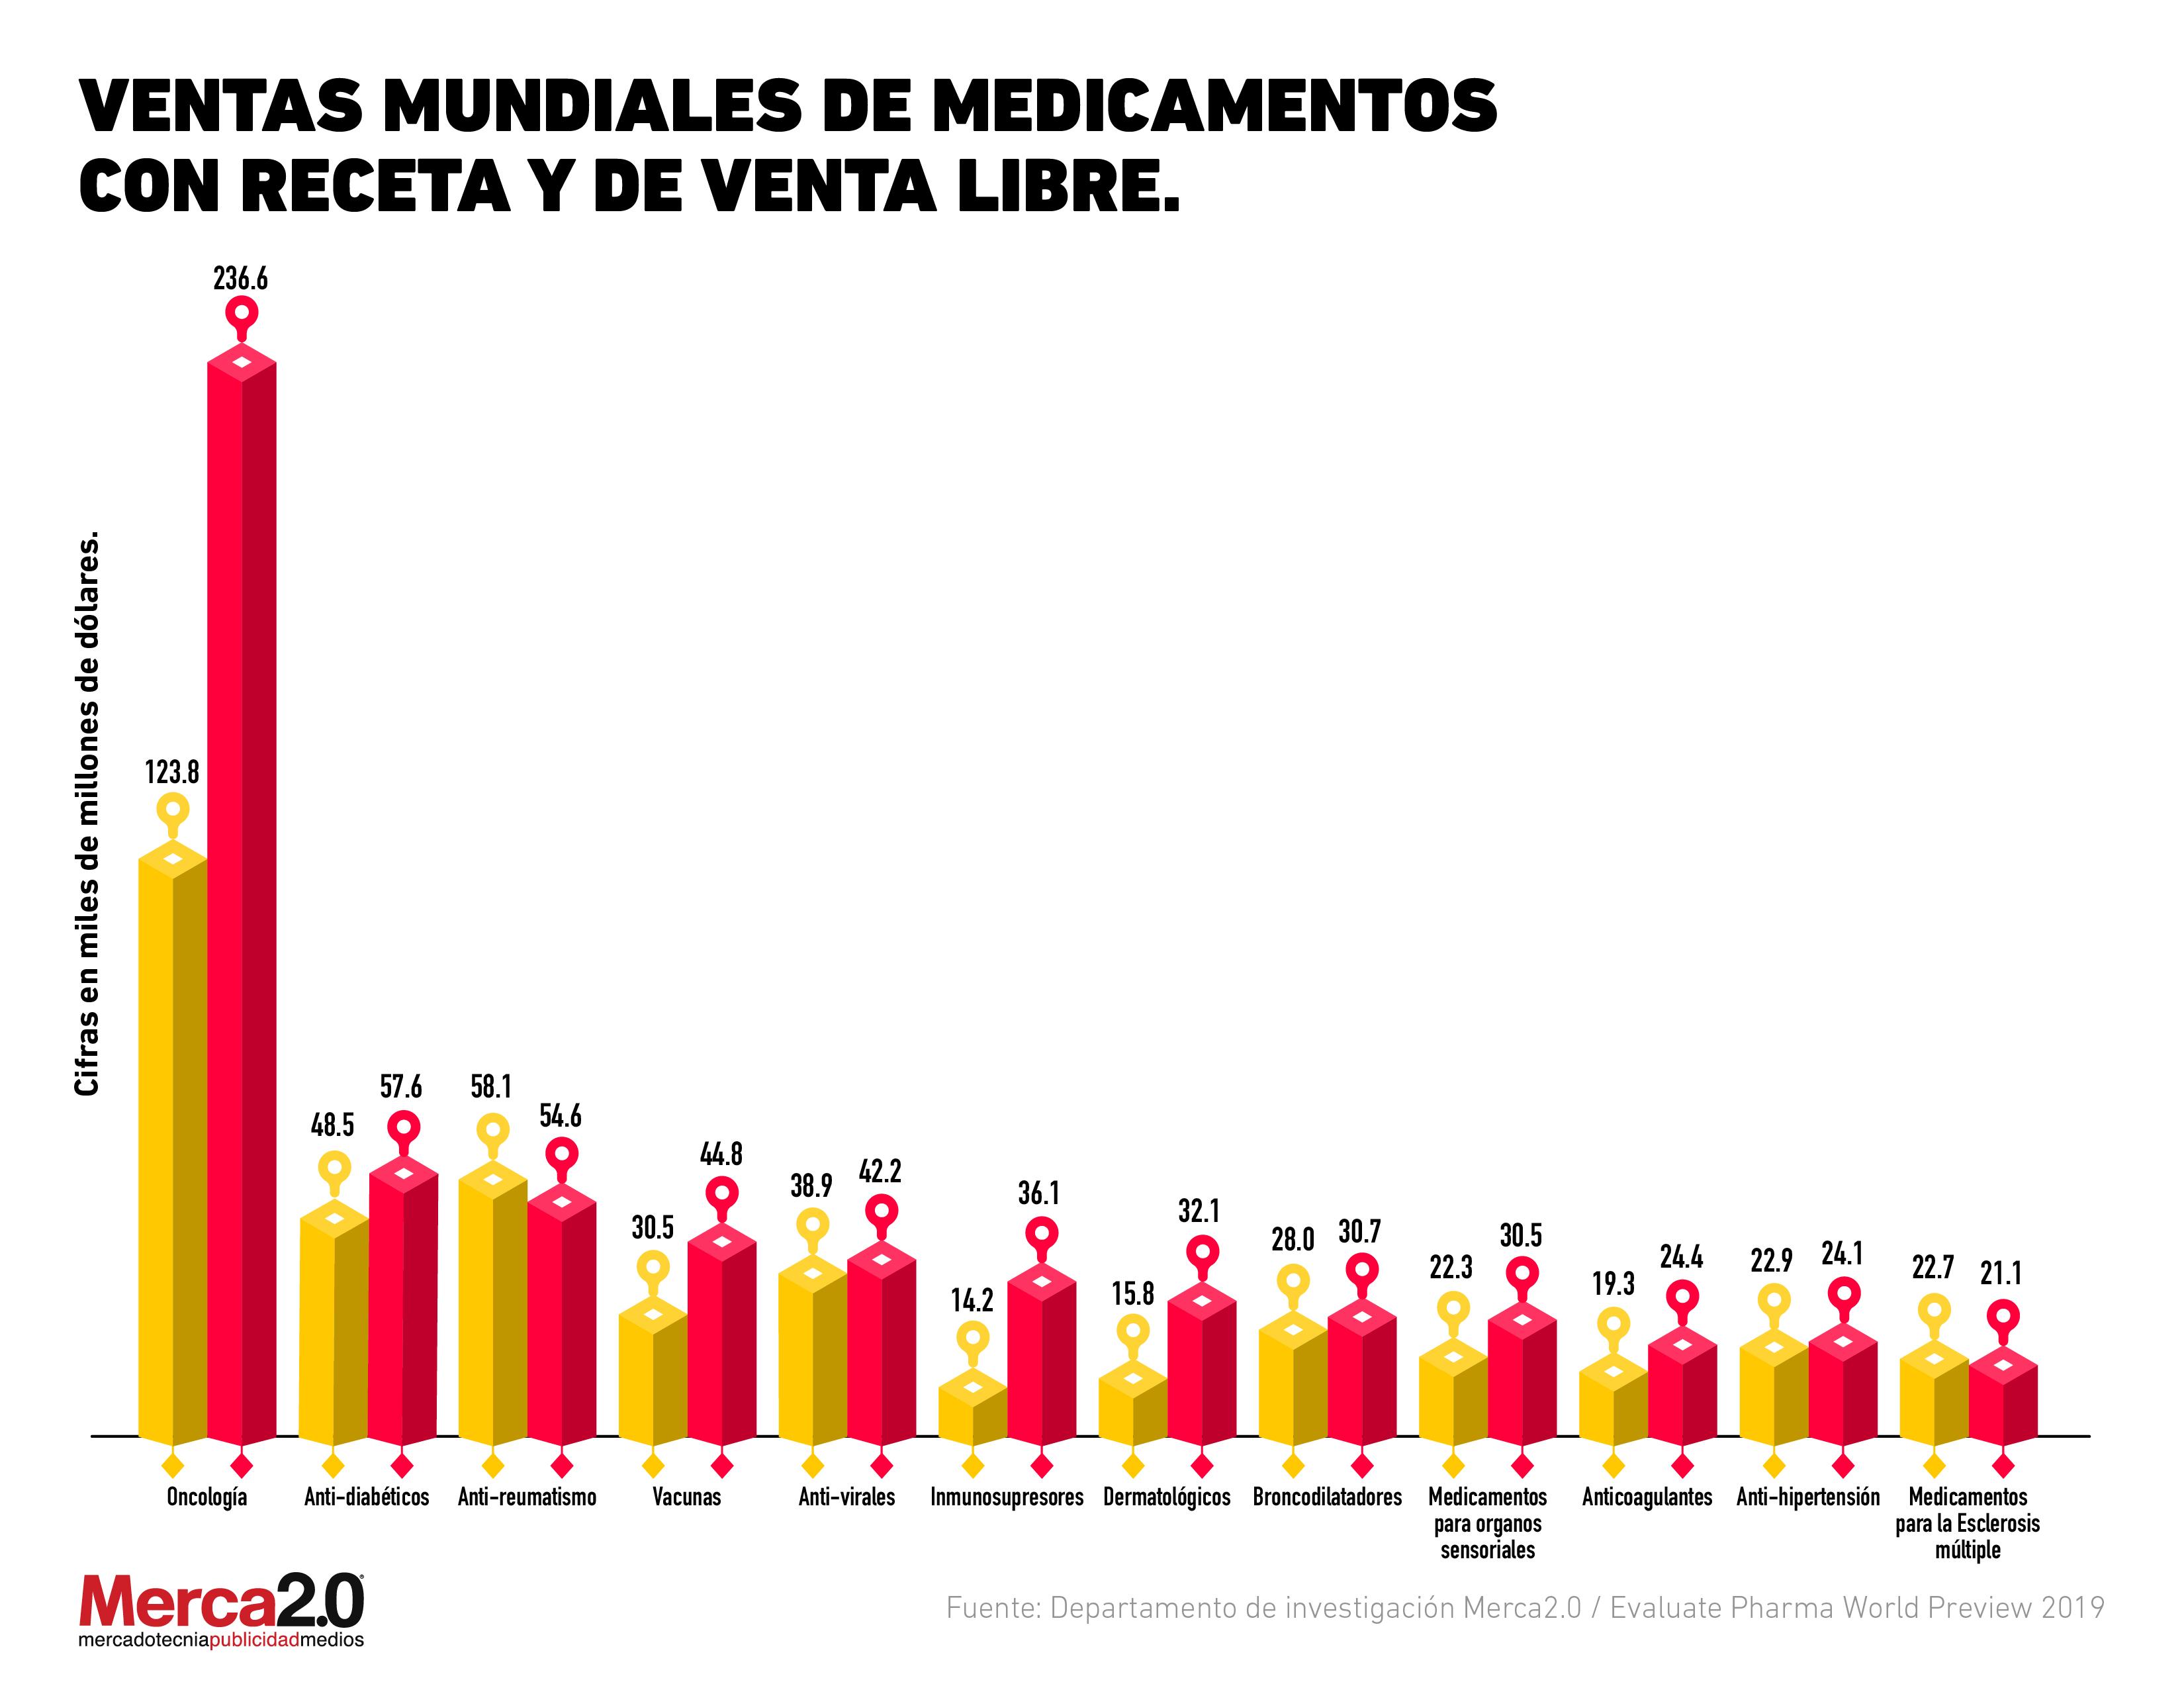 ¿De dónde vienen los ingresos de la industria farmacéutica?